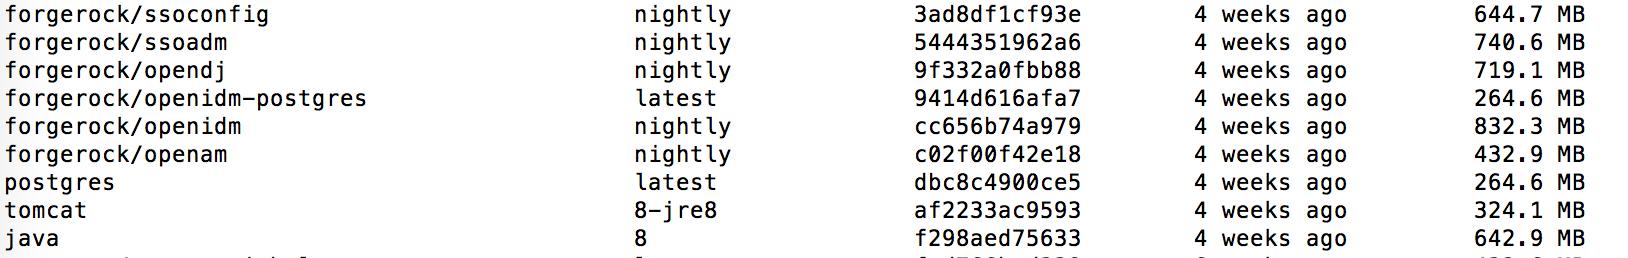 Deploying #OpenAM instances in #Docker